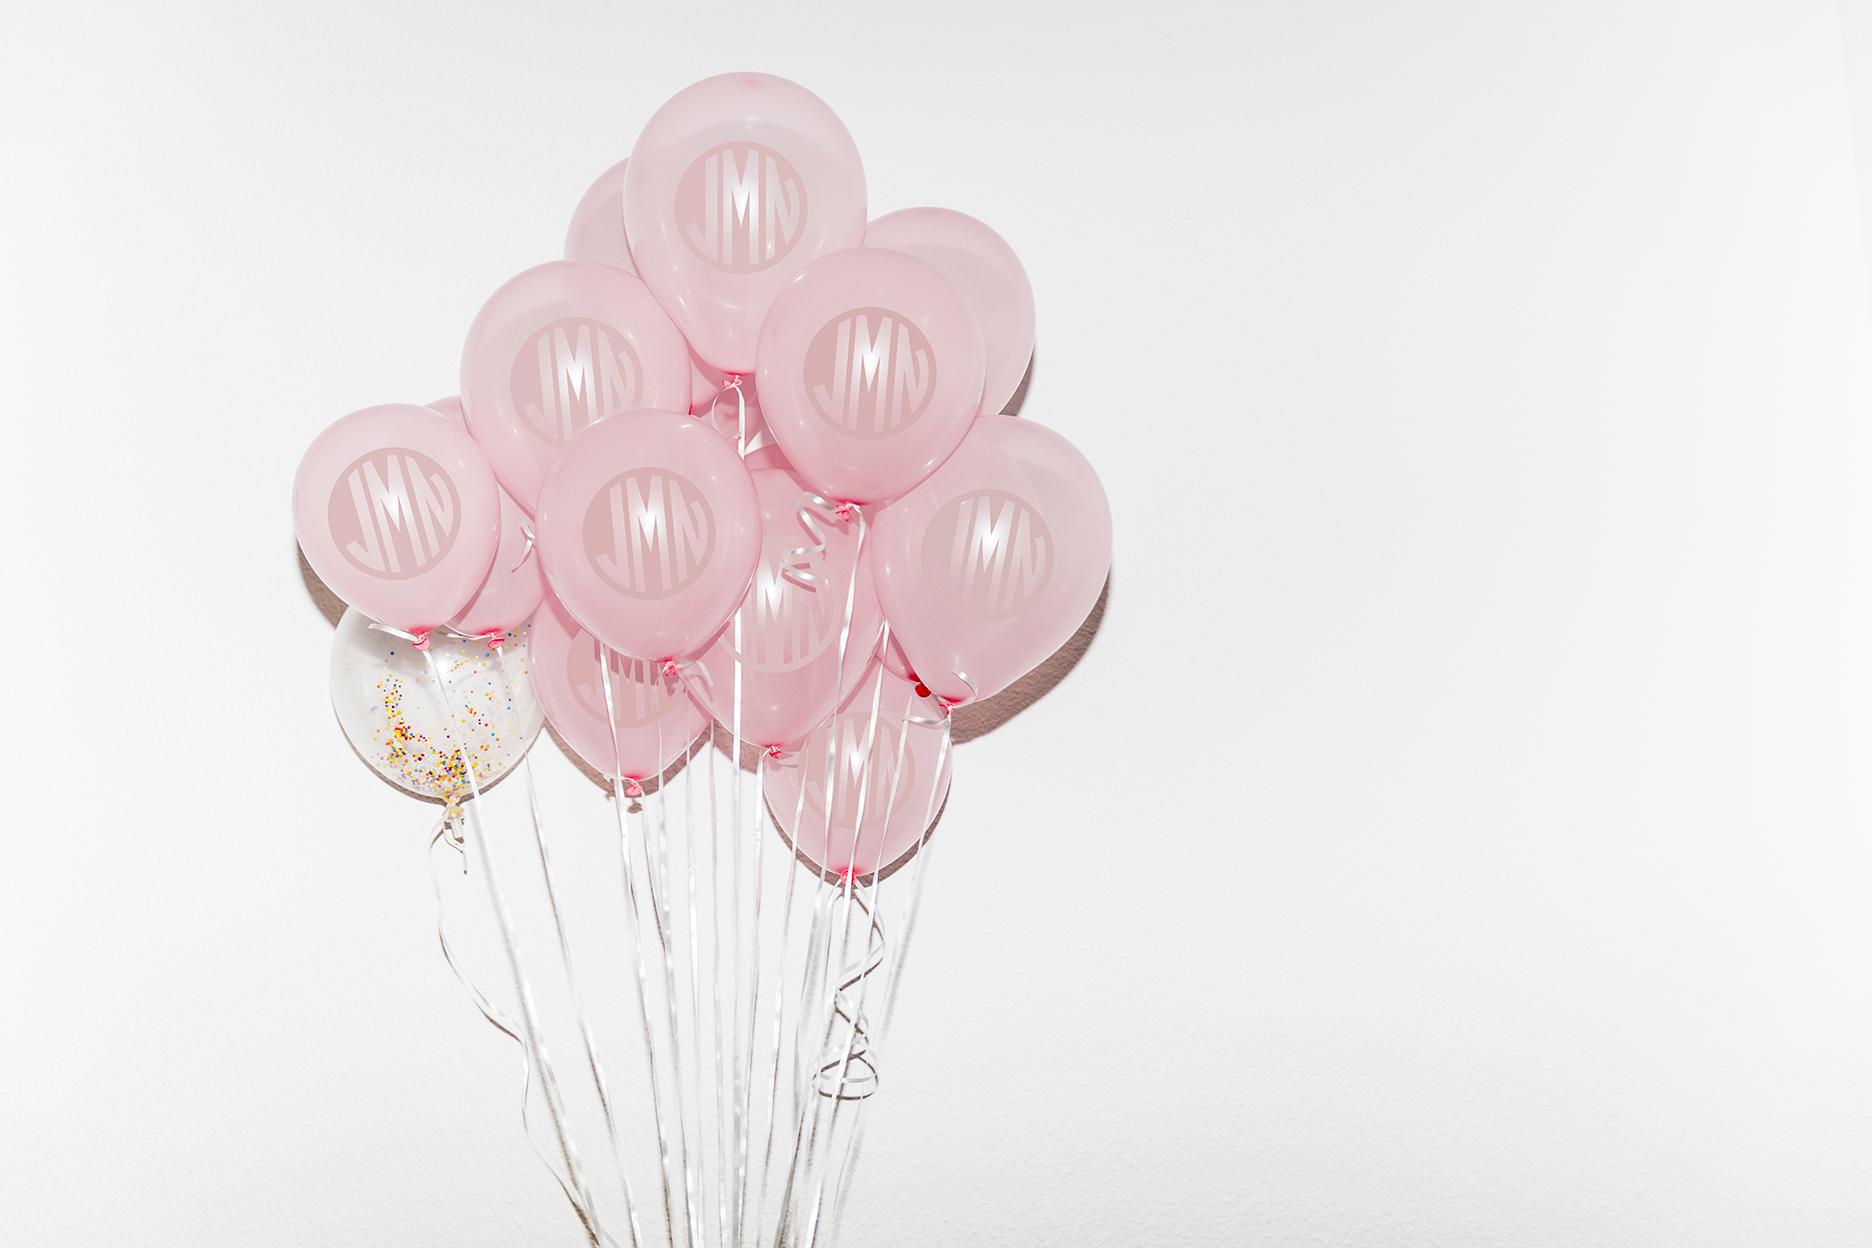 jen.loves.custom.balloons.jpg